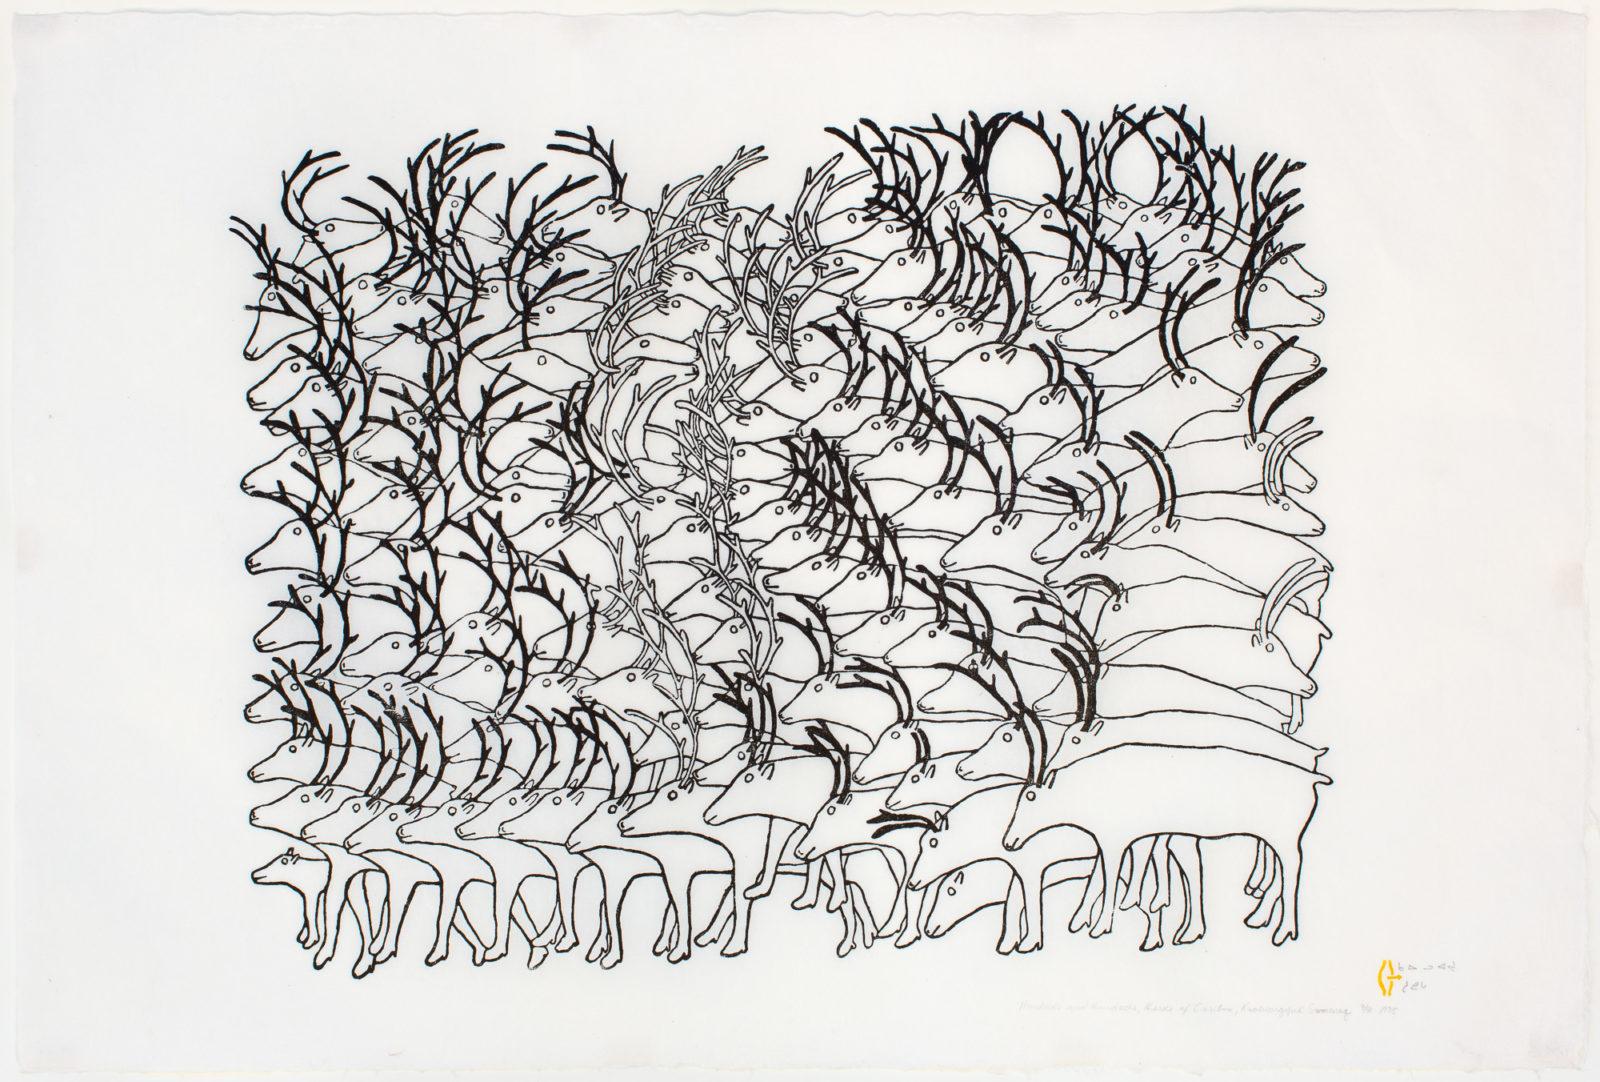 Ruth Qaulluaryuk - Hundreds And Hundreds, Herds Of Caribou